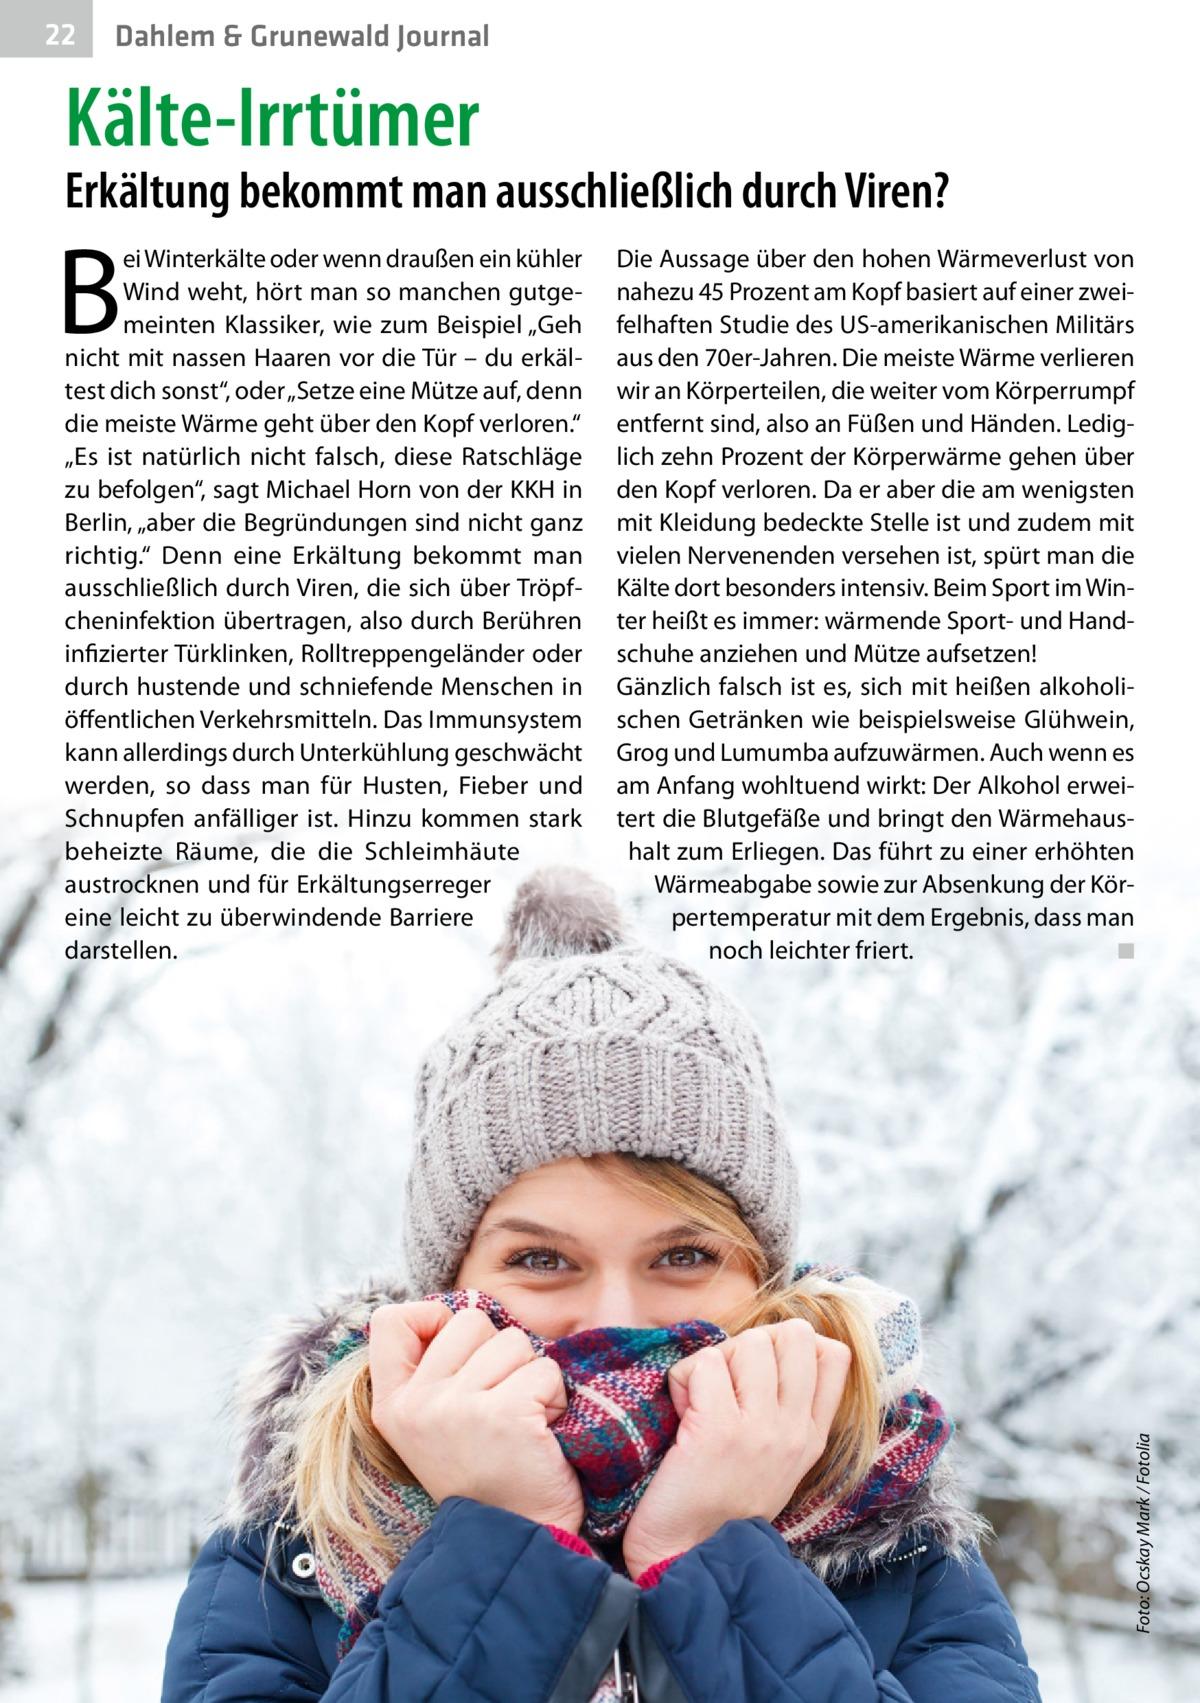 """22  Dahlem & Grunewald Journal  Kälte-Irrtümer  Erkältung bekommt man ausschließlich durch Viren? Die Aussage über den hohen Wärmeverlust von nahezu 45Prozent am Kopf basiert auf einer zweifelhaften Studie des US-amerikanischen Militärs aus den 70er-Jahren. Die meiste Wärme verlieren wir an Körperteilen, die weiter vom Körperrumpf entfernt sind, also an Füßen und Händen. Lediglich zehn Prozent der Körperwärme gehen über den Kopf verloren. Da er aber die am wenigsten mit Kleidung bedeckte Stelle ist und zudem mit vielen Nervenenden versehen ist, spürt man die Kälte dort besonders intensiv. Beim Sport im Winter heißt es immer: wärmende Sport- und Handschuhe anziehen und Mütze aufsetzen! Gänzlich falsch ist es, sich mit heißen alkoholischen Getränken wie beispielsweise Glühwein, Grog und Lumumba aufzuwärmen. Auch wenn es am Anfang wohltuend wirkt: Der Alkohol erweitert die Blutgefäße und bringt den Wärmehaushalt zum Erliegen. Das führt zu einer erhöhten Wärmeabgabe sowie zur Absenkung der Körpertemperatur mit dem Ergebnis, dass man noch leichter friert. ◾  Foto: Ocskay Mark / Fotolia  B  ei Winterkälte oder wenn draußen ein kühler Wind weht, hört man so manchen gutgemeinten Klassiker, wie zum Beispiel """"Geh nicht mit nassen Haaren vor die Tür – du erkältest dich sonst"""", oder """"Setze eine Mütze auf, denn die meiste Wärme geht über den Kopf verloren."""" """"Es ist natürlich nicht falsch, diese Ratschläge zu befolgen"""", sagt Michael Horn von der KKH in Berlin, """"aber die Begründungen sind nicht ganz richtig."""" Denn eine Erkältung bekommt man ausschließlich durch Viren, die sich über Tröpfcheninfektion übertragen, also durch Berühren infizierter Türklinken, Rolltreppengeländer oder durch hustende und schniefende Menschen in öffentlichen Verkehrsmitteln. Das Immunsystem kann allerdings durch Unterkühlung geschwächt werden, so dass man für Husten, Fieber und Schnupfen anfälliger ist. Hinzu kommen stark beheizte Räume, die die Schleimhäute austrocknen und für Erkältungserreger eine lei"""